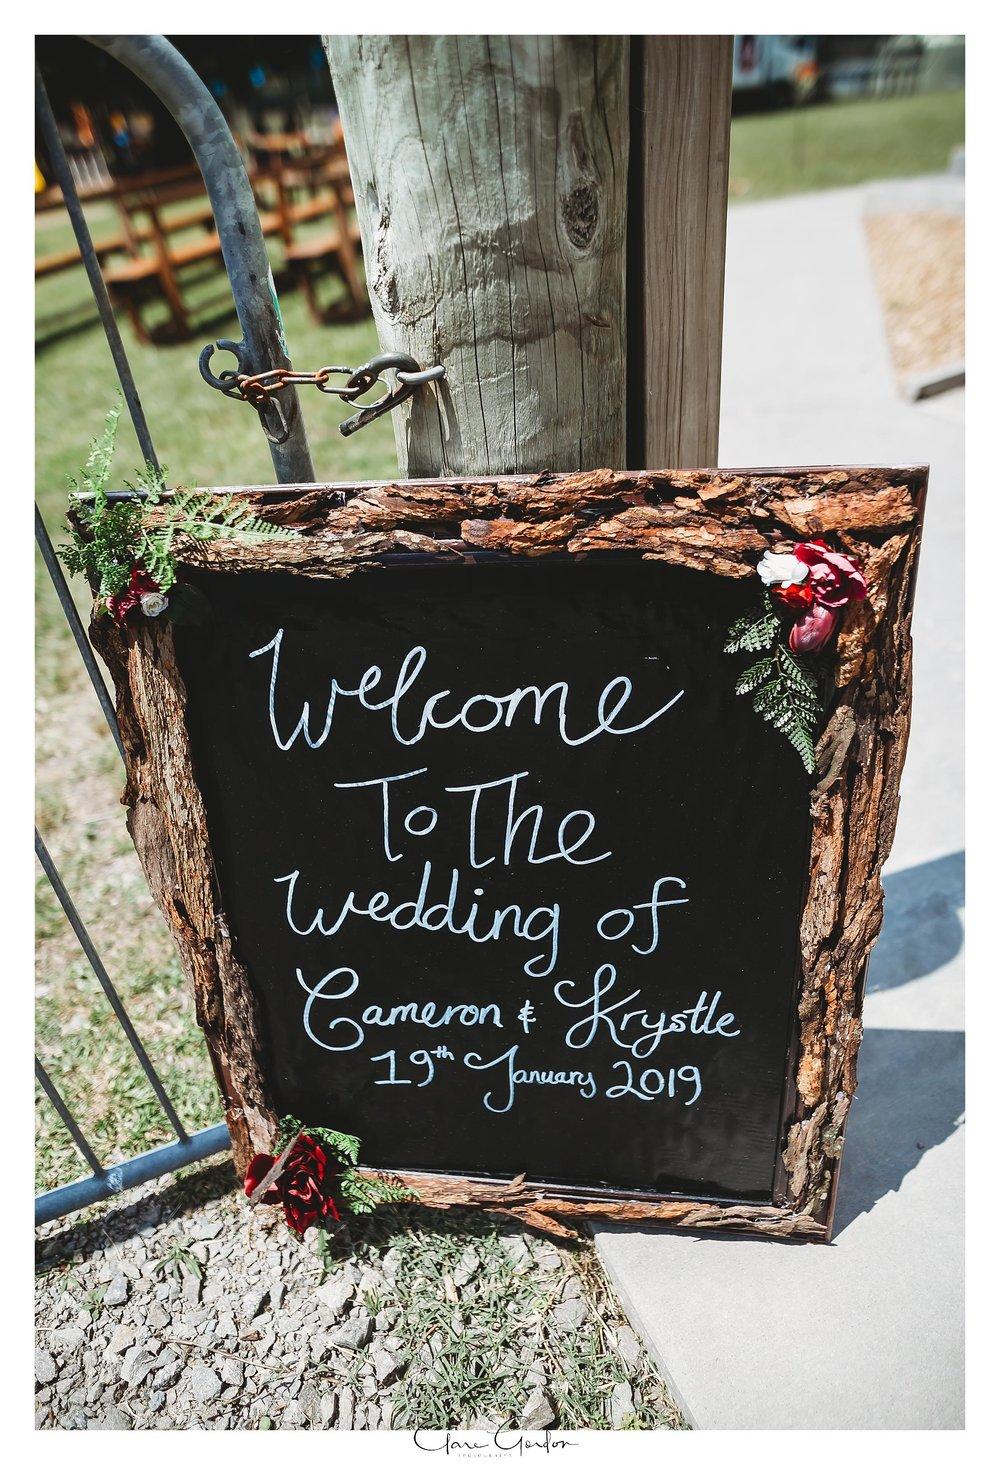 Tauranga-bay-of-plenty-Wedding-Forest-wedding (5).jpg